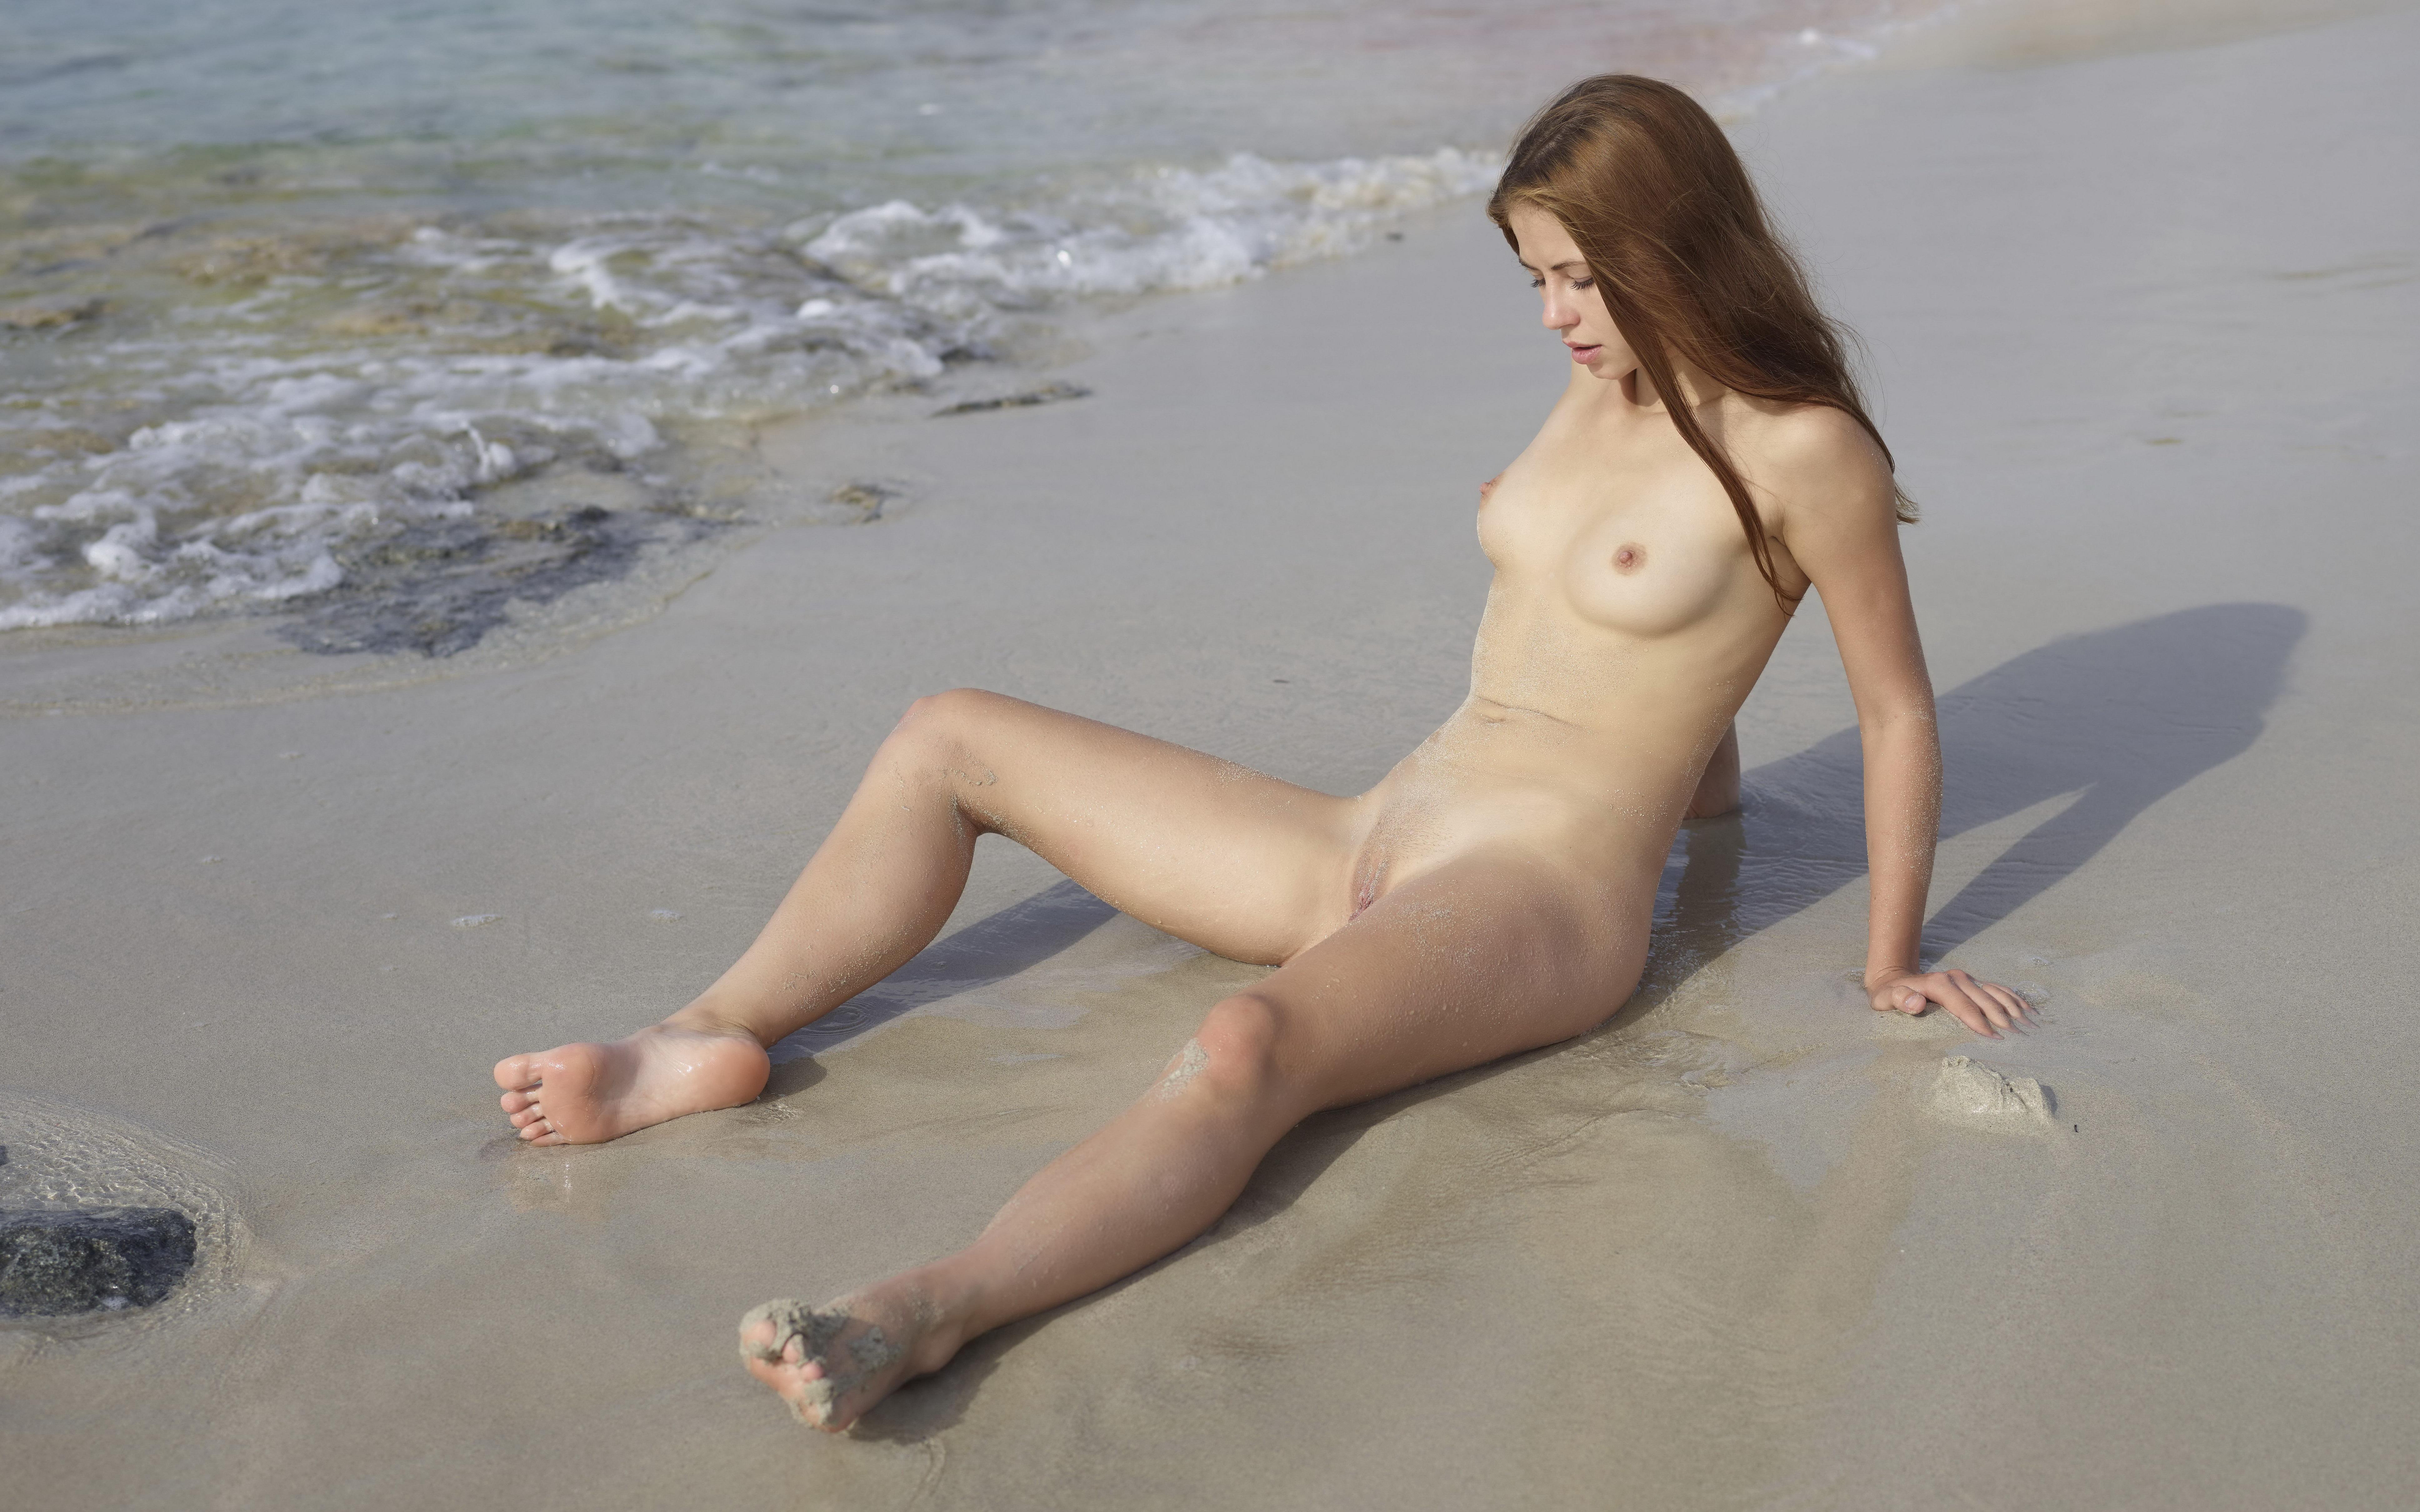 Wallpaper Jenna, Hilary C, Beach, Cutie, Nude, Legs, Tits, Boobs, Wet Desktop Wallpaper - Girls -4553